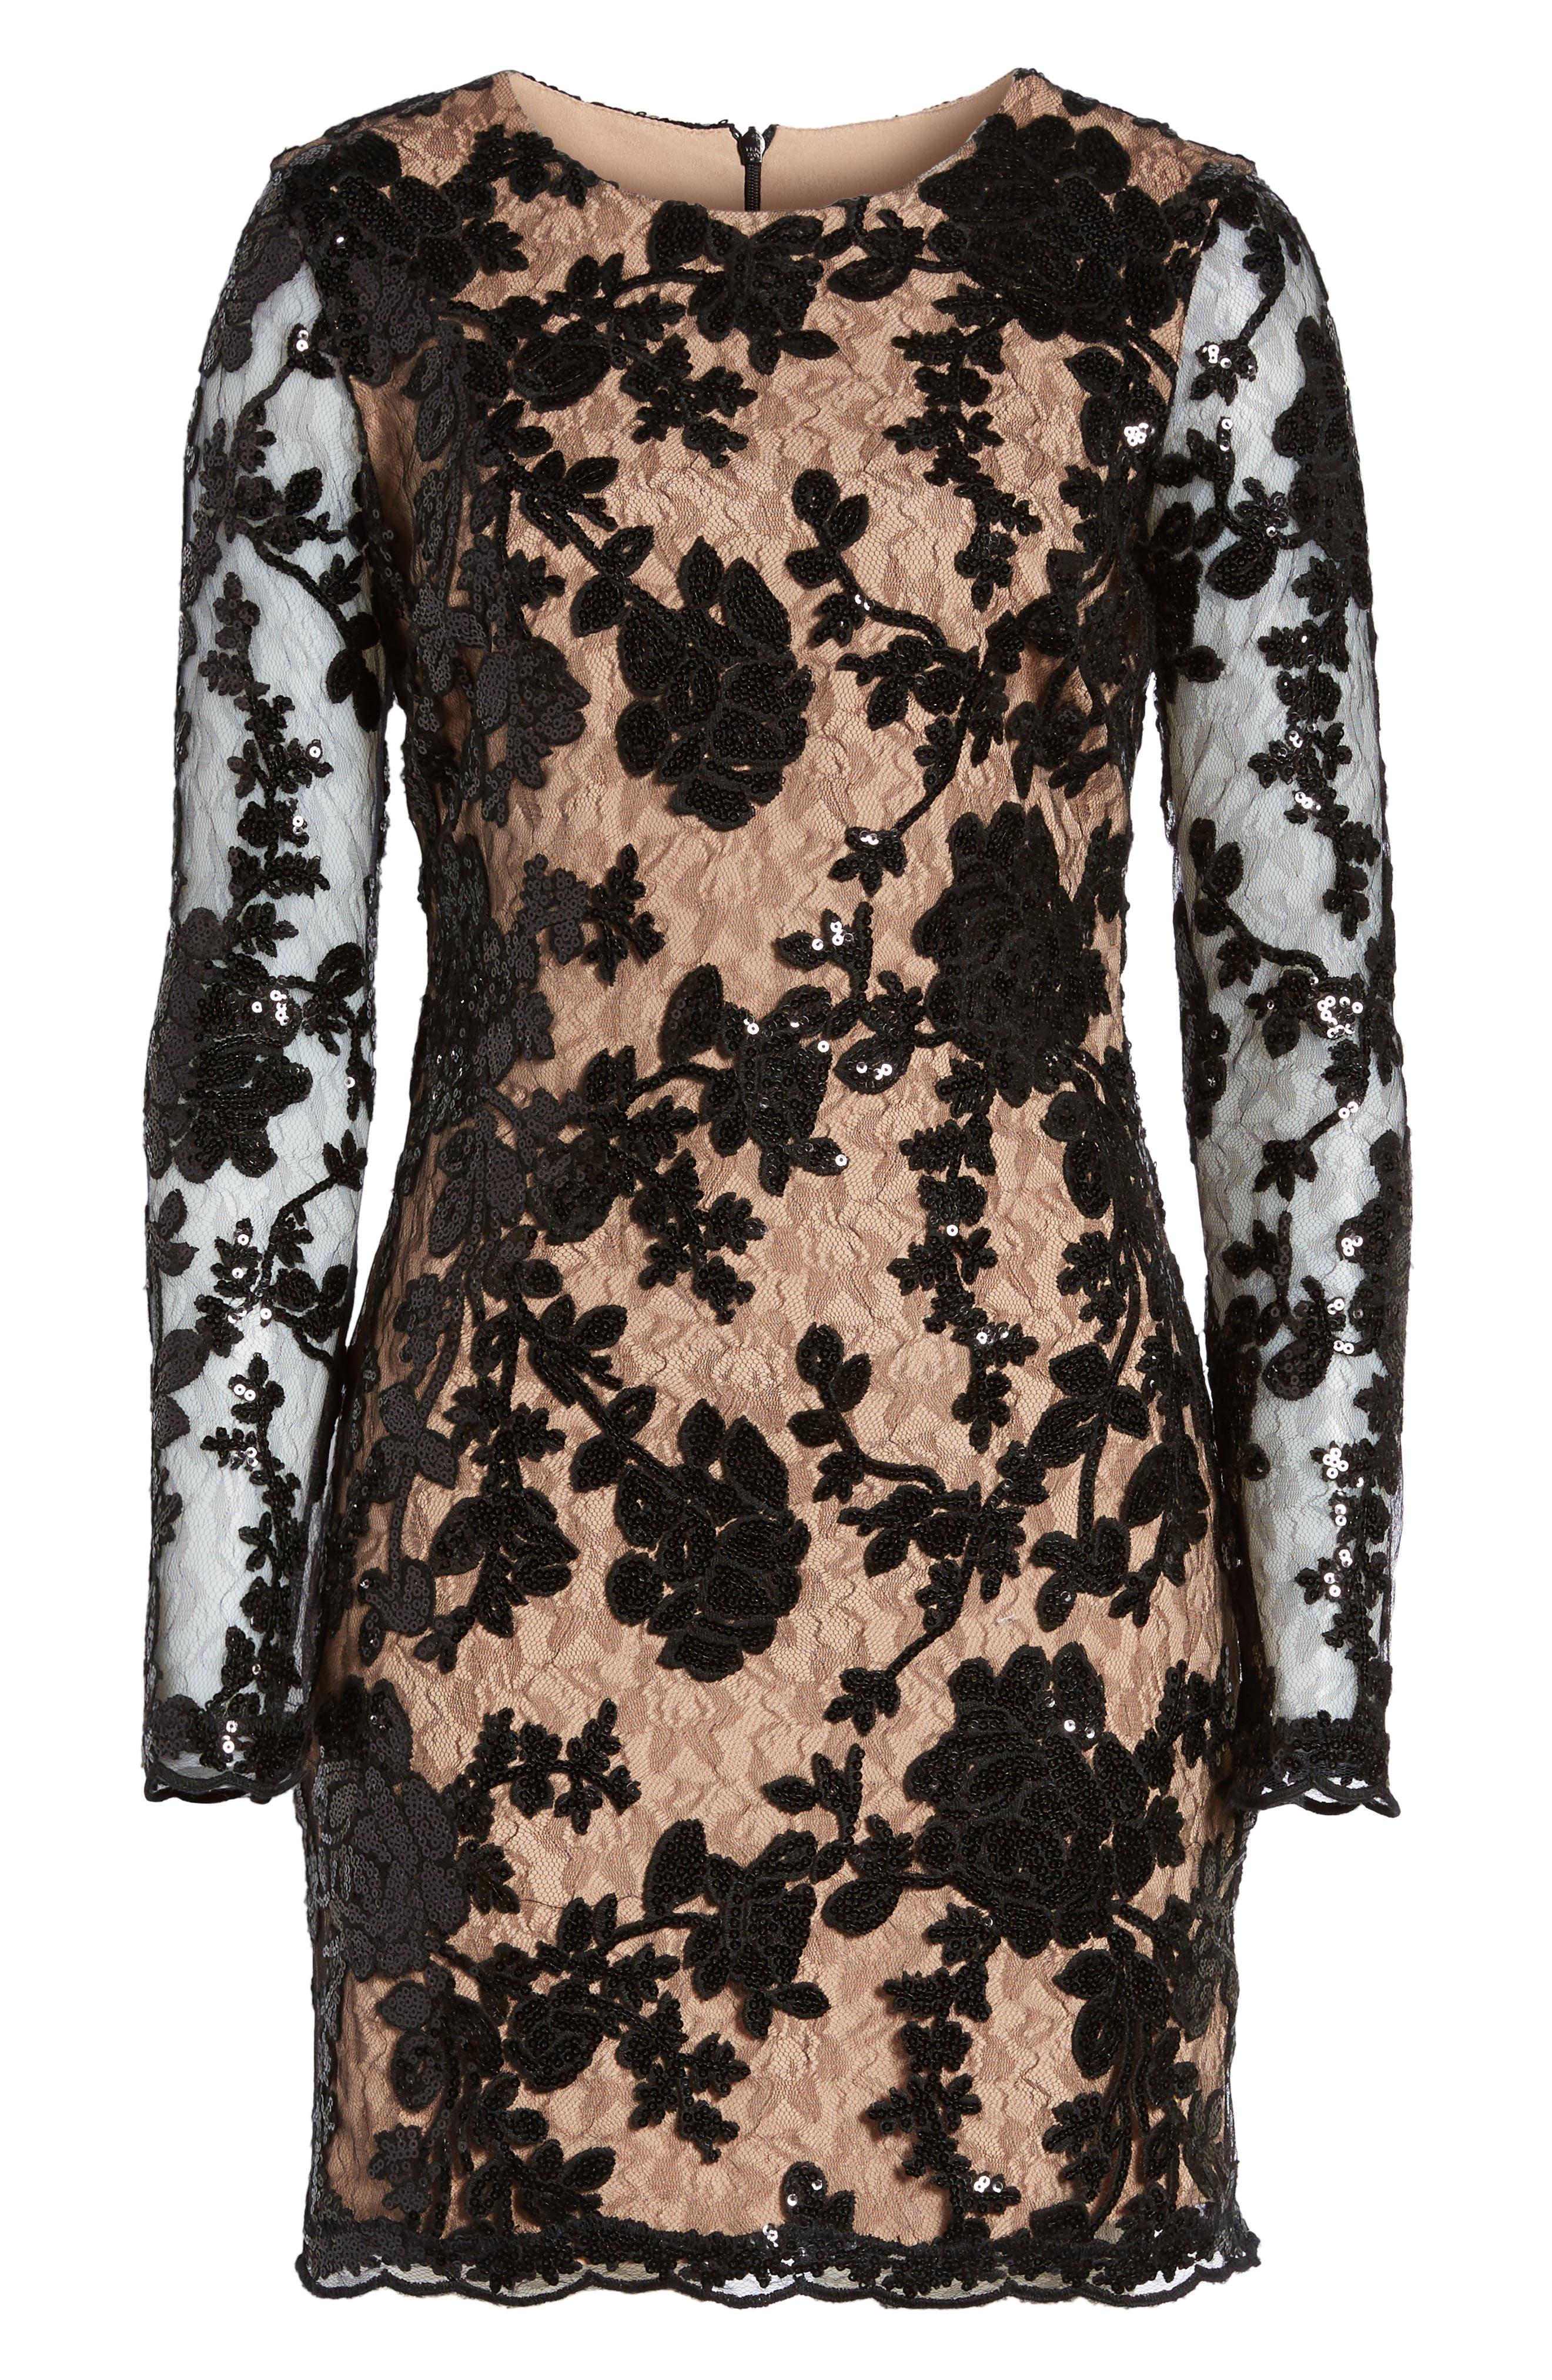 Grace A-Line Dress,                             Main thumbnail 1, color,                             Black/ Nude